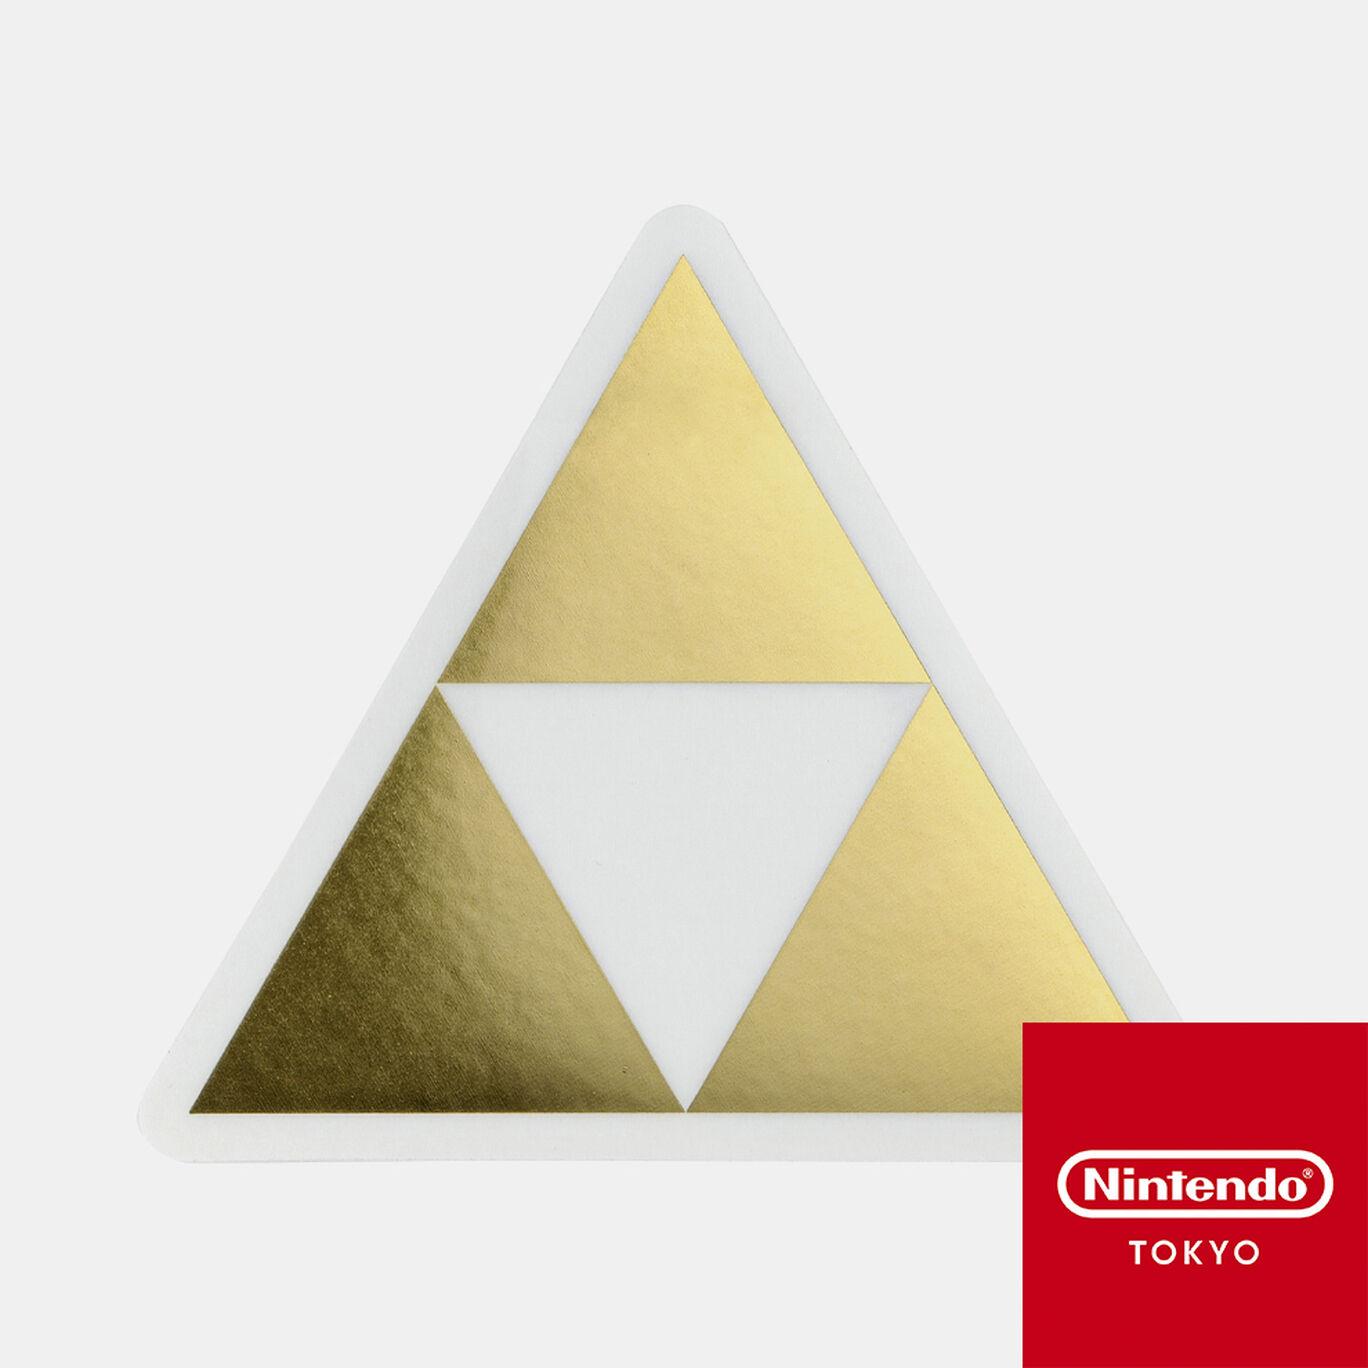 ダイカットステッカー ゼルダの伝説 A【Nintendo TOKYO取り扱い商品】